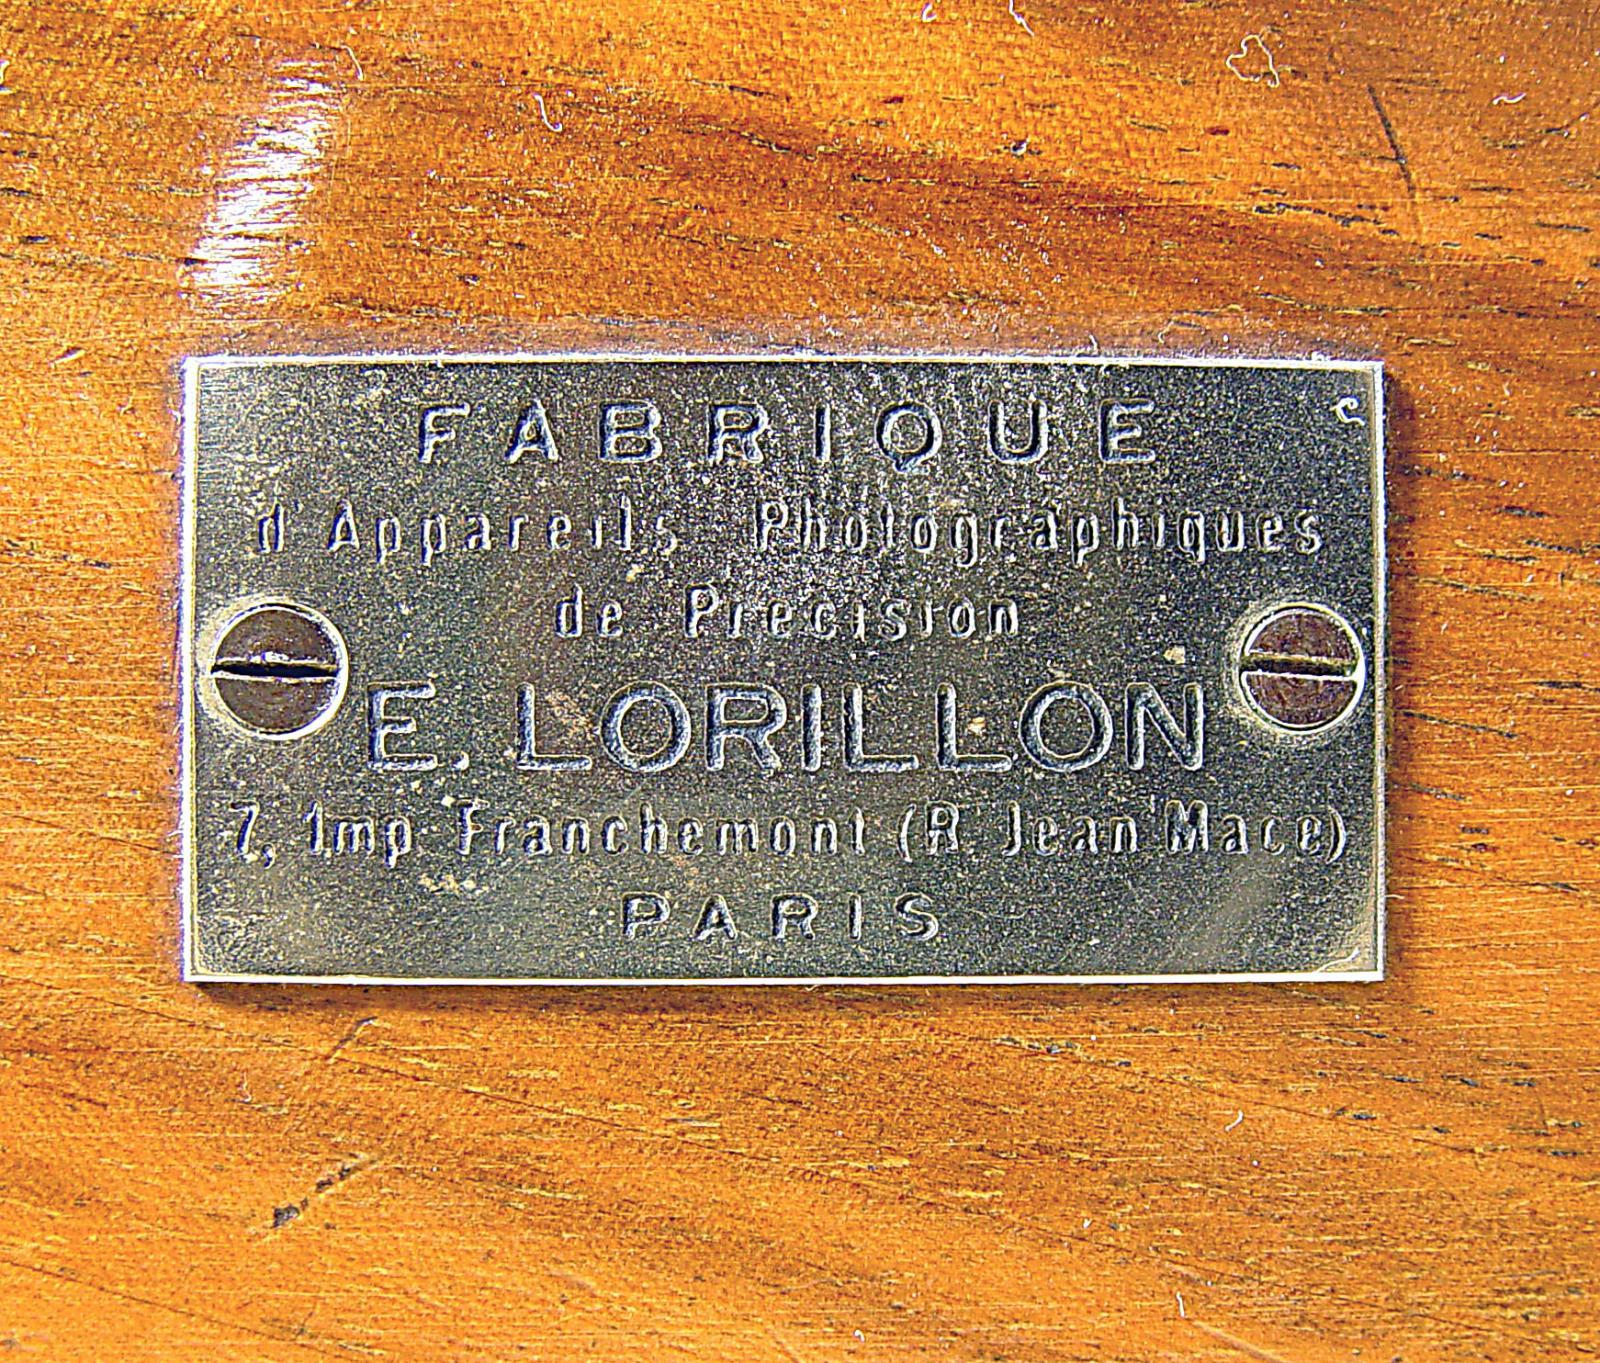 Wallpaper Appareils photos 3125-13  LORILLON . E  Chambre folding 9X12, collection AMI